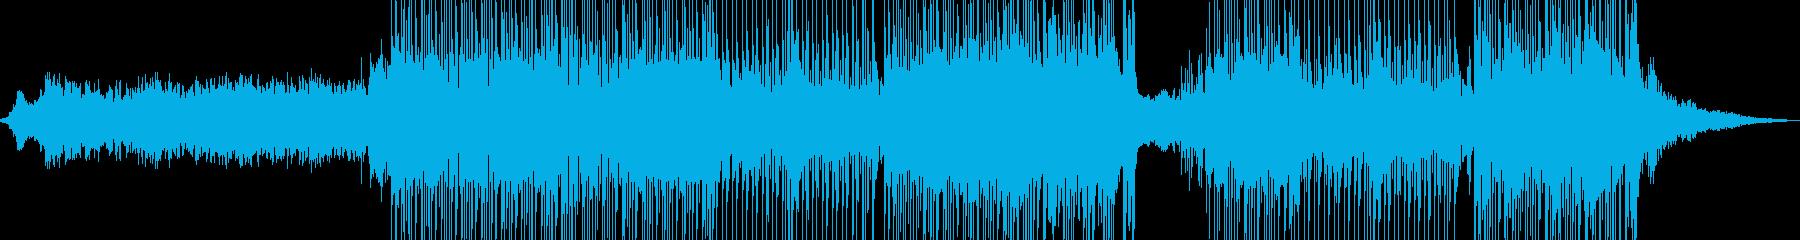 琴・レトロな演歌調ポップ+ ★の再生済みの波形